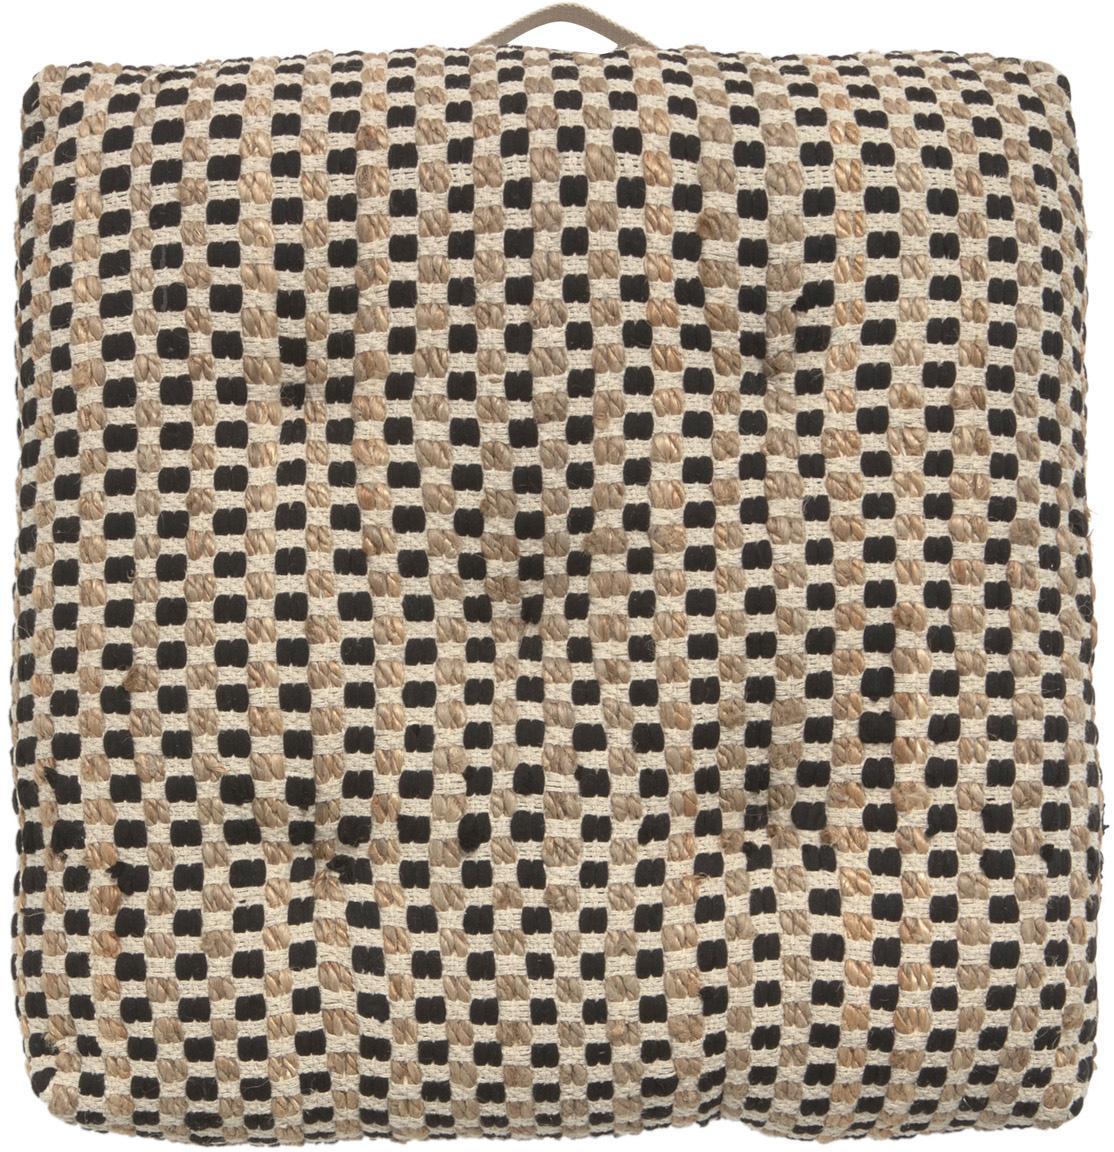 Poduszka podłogowa z bawełny i juty Fiesta, Czarny, beżowy, S 60 cm x D 60 cm